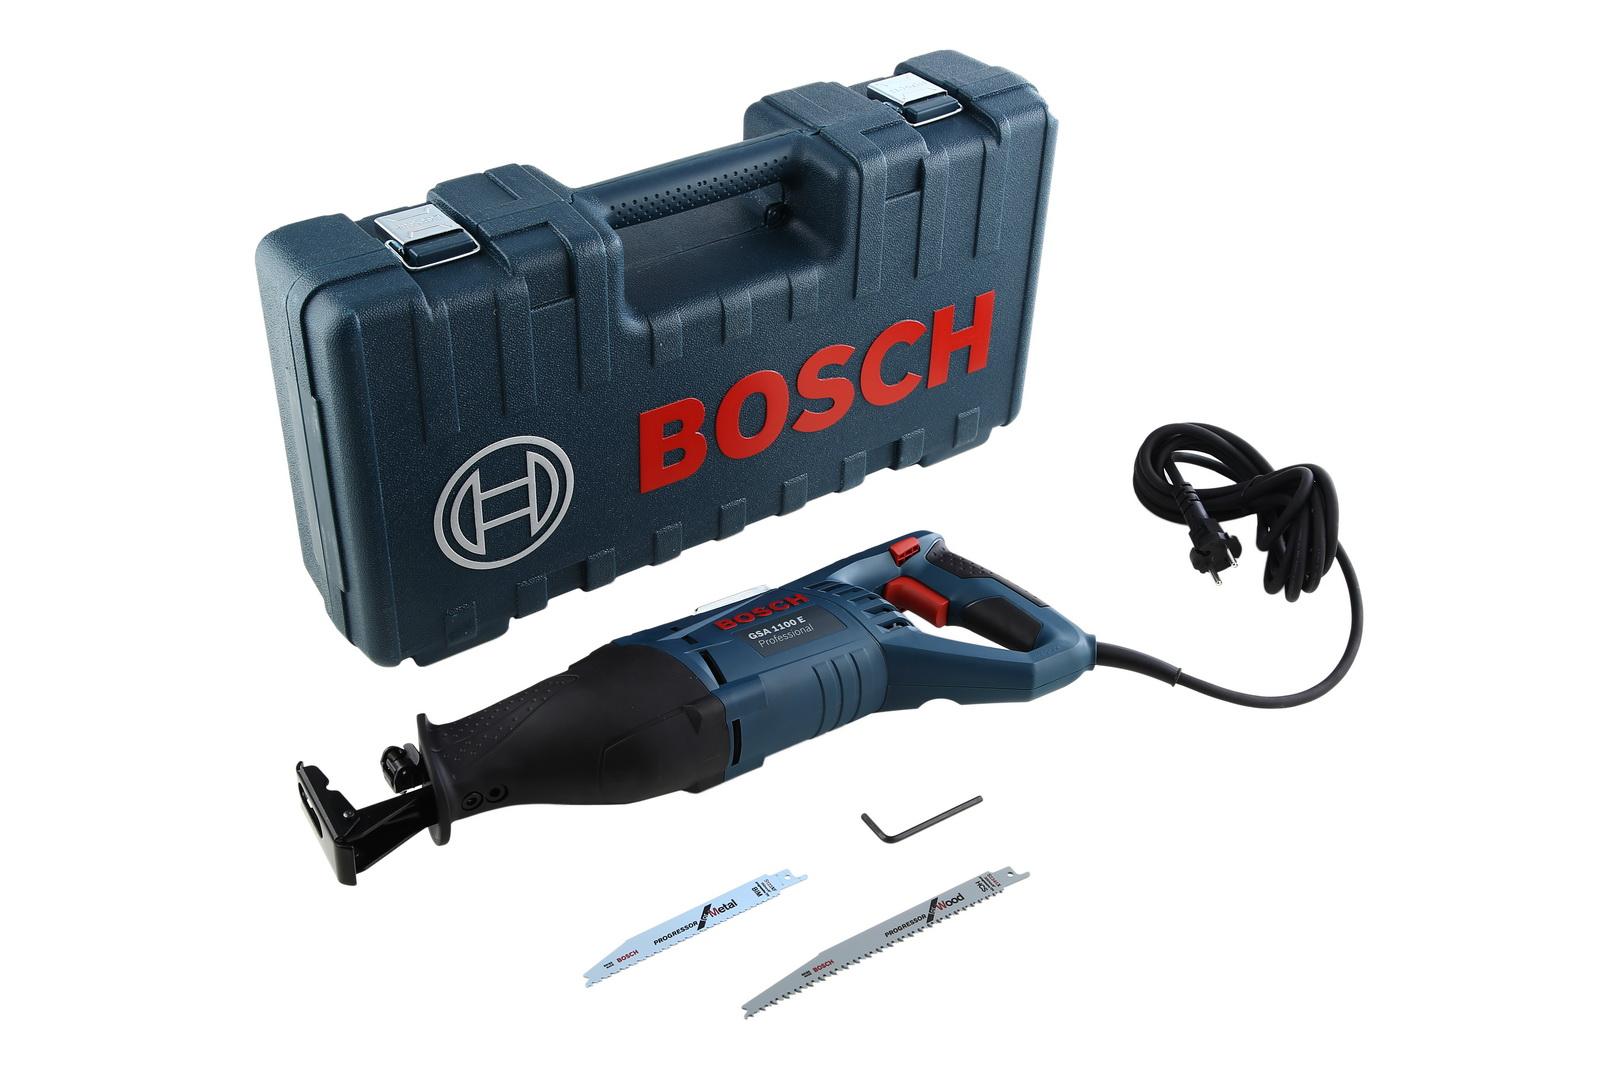 Сабельная пила Bosch Gsa 1100 e (0.601.64c.800)